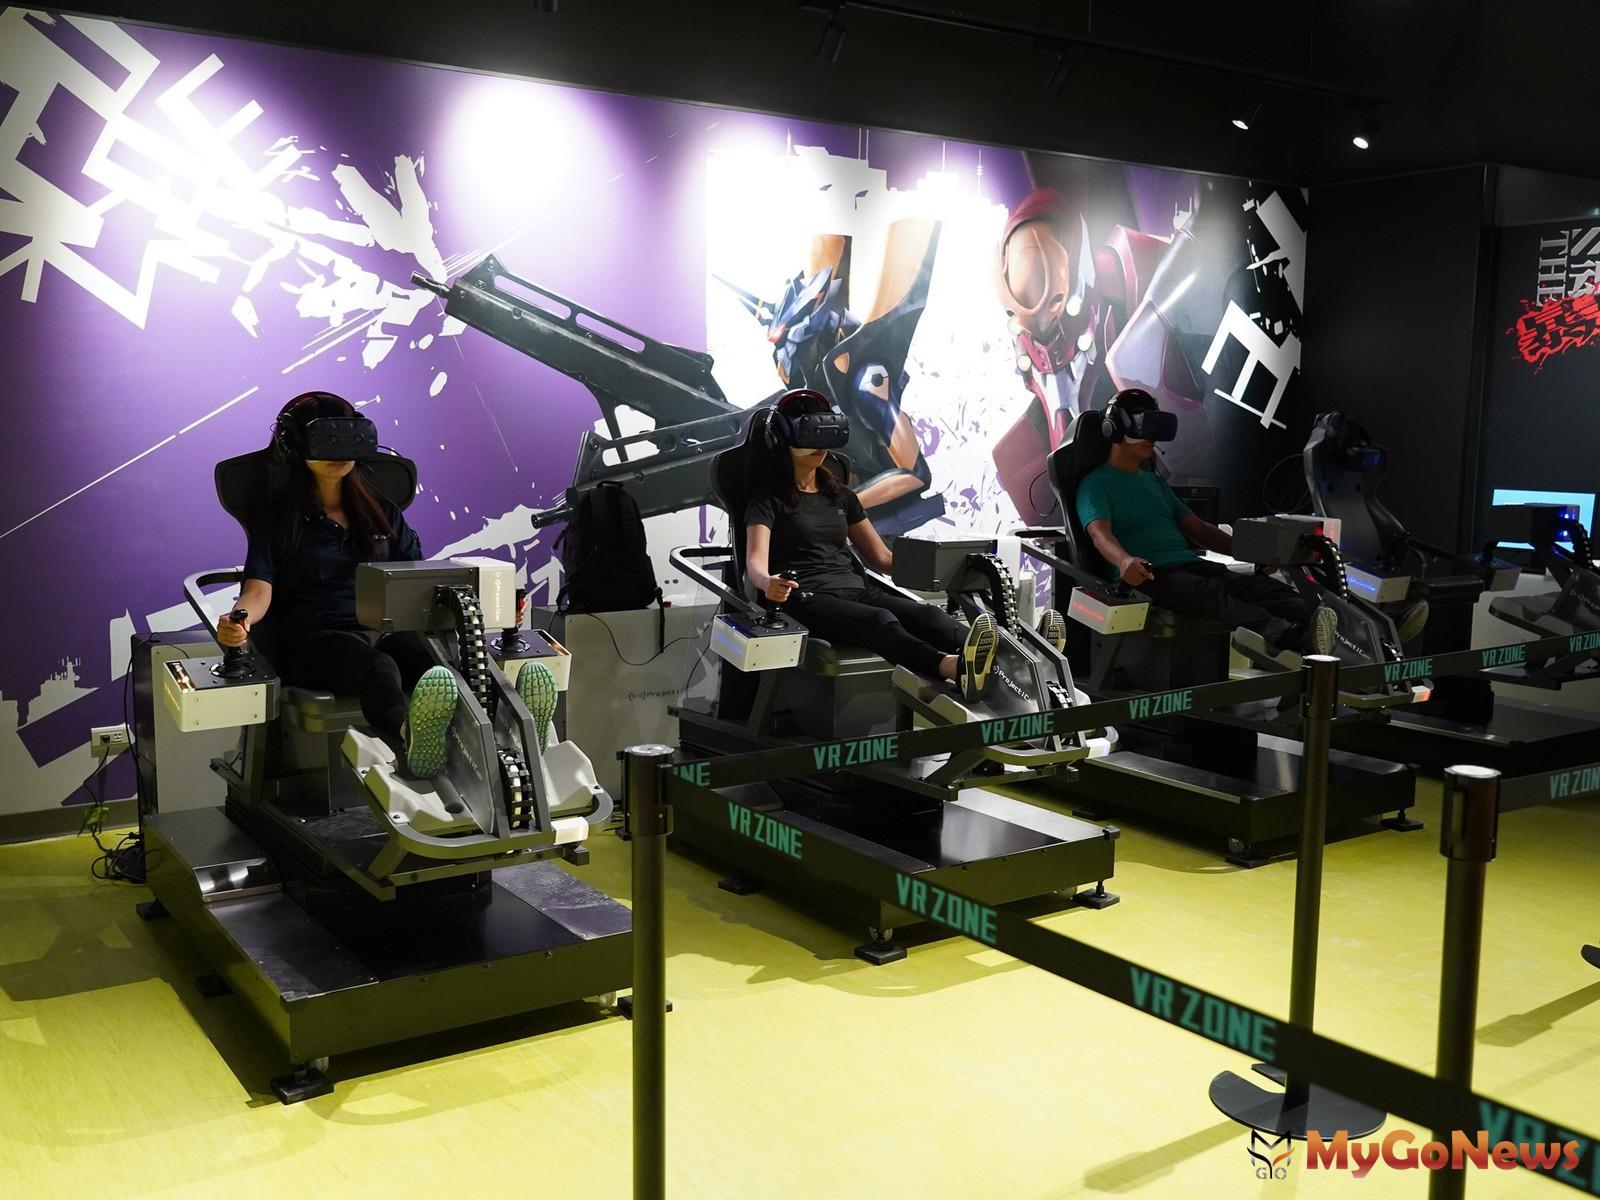 ▲宏匯廣場VR+ZONE+New+Taipei是擁有新世紀福音戰士、馬利歐賽車等全球高人氣黃金級IP的虛擬實境遊樂園(宏匯廣場提供)